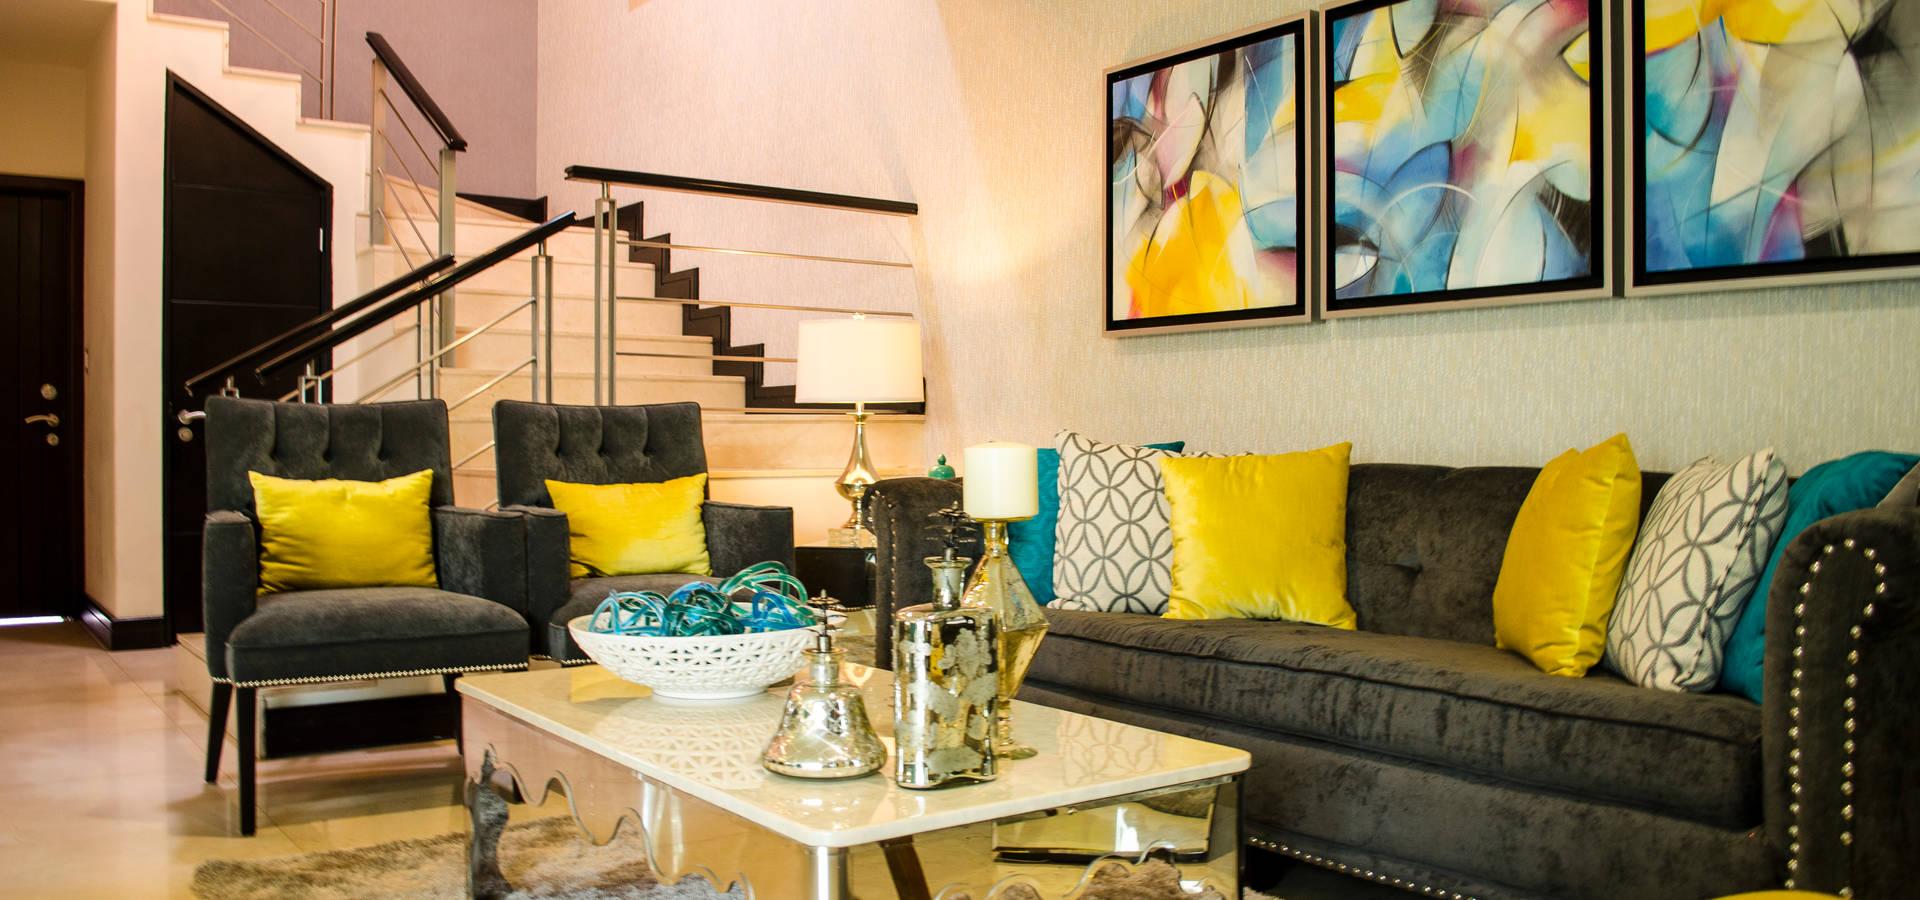 DOS TINTAS Home&Decor